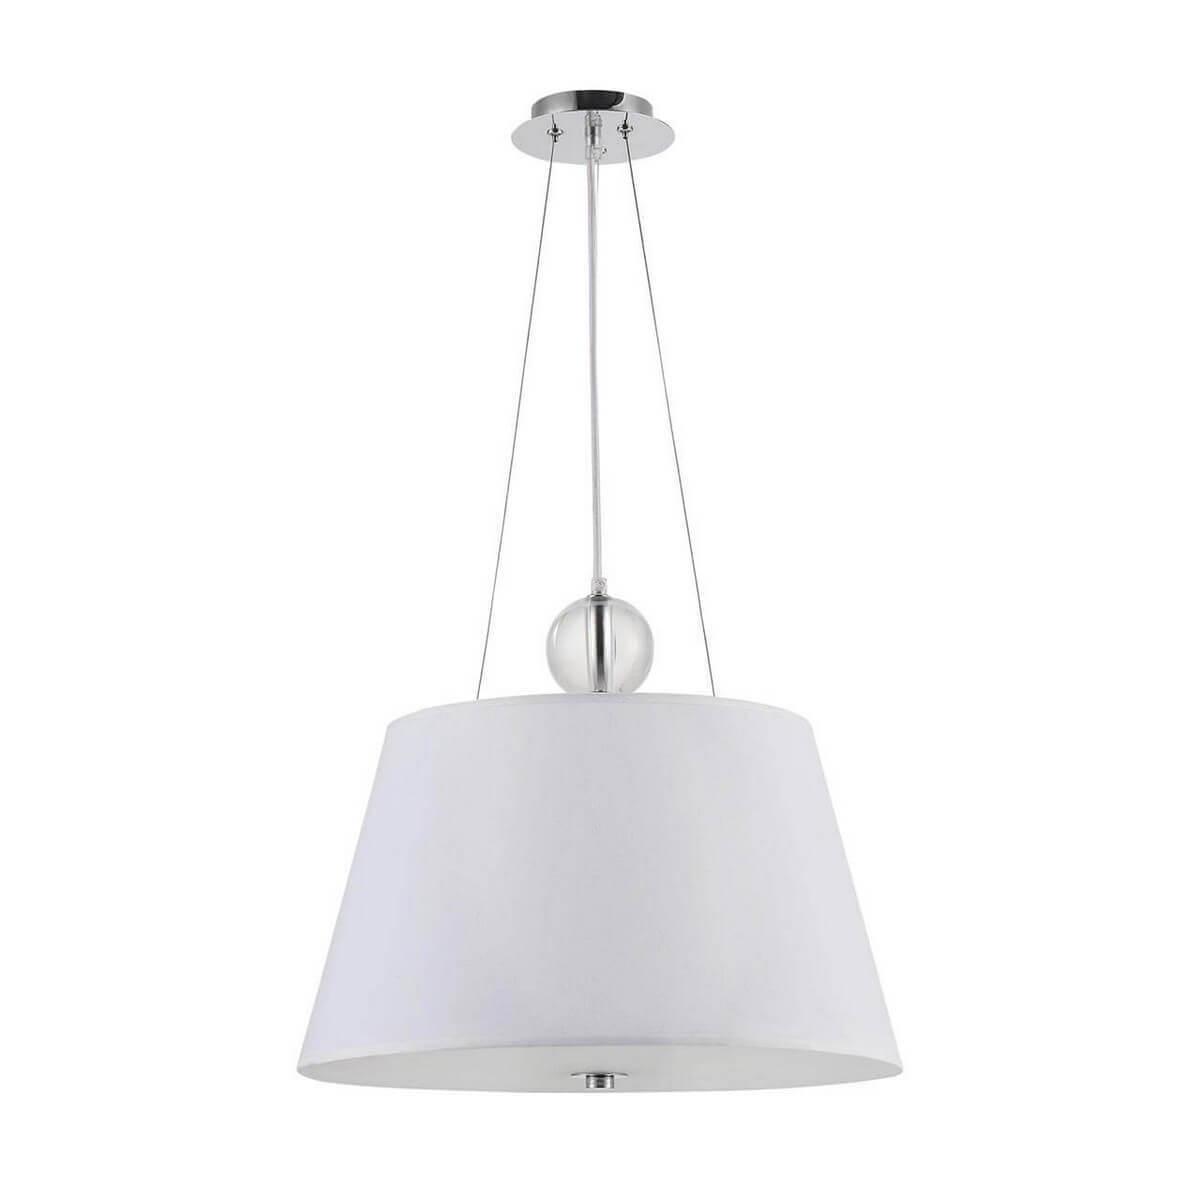 Светильник Maytoni MOD613PL-03W Bergamo потолочный светильник maytoni bergamo mod613pl 03w e27 180 вт